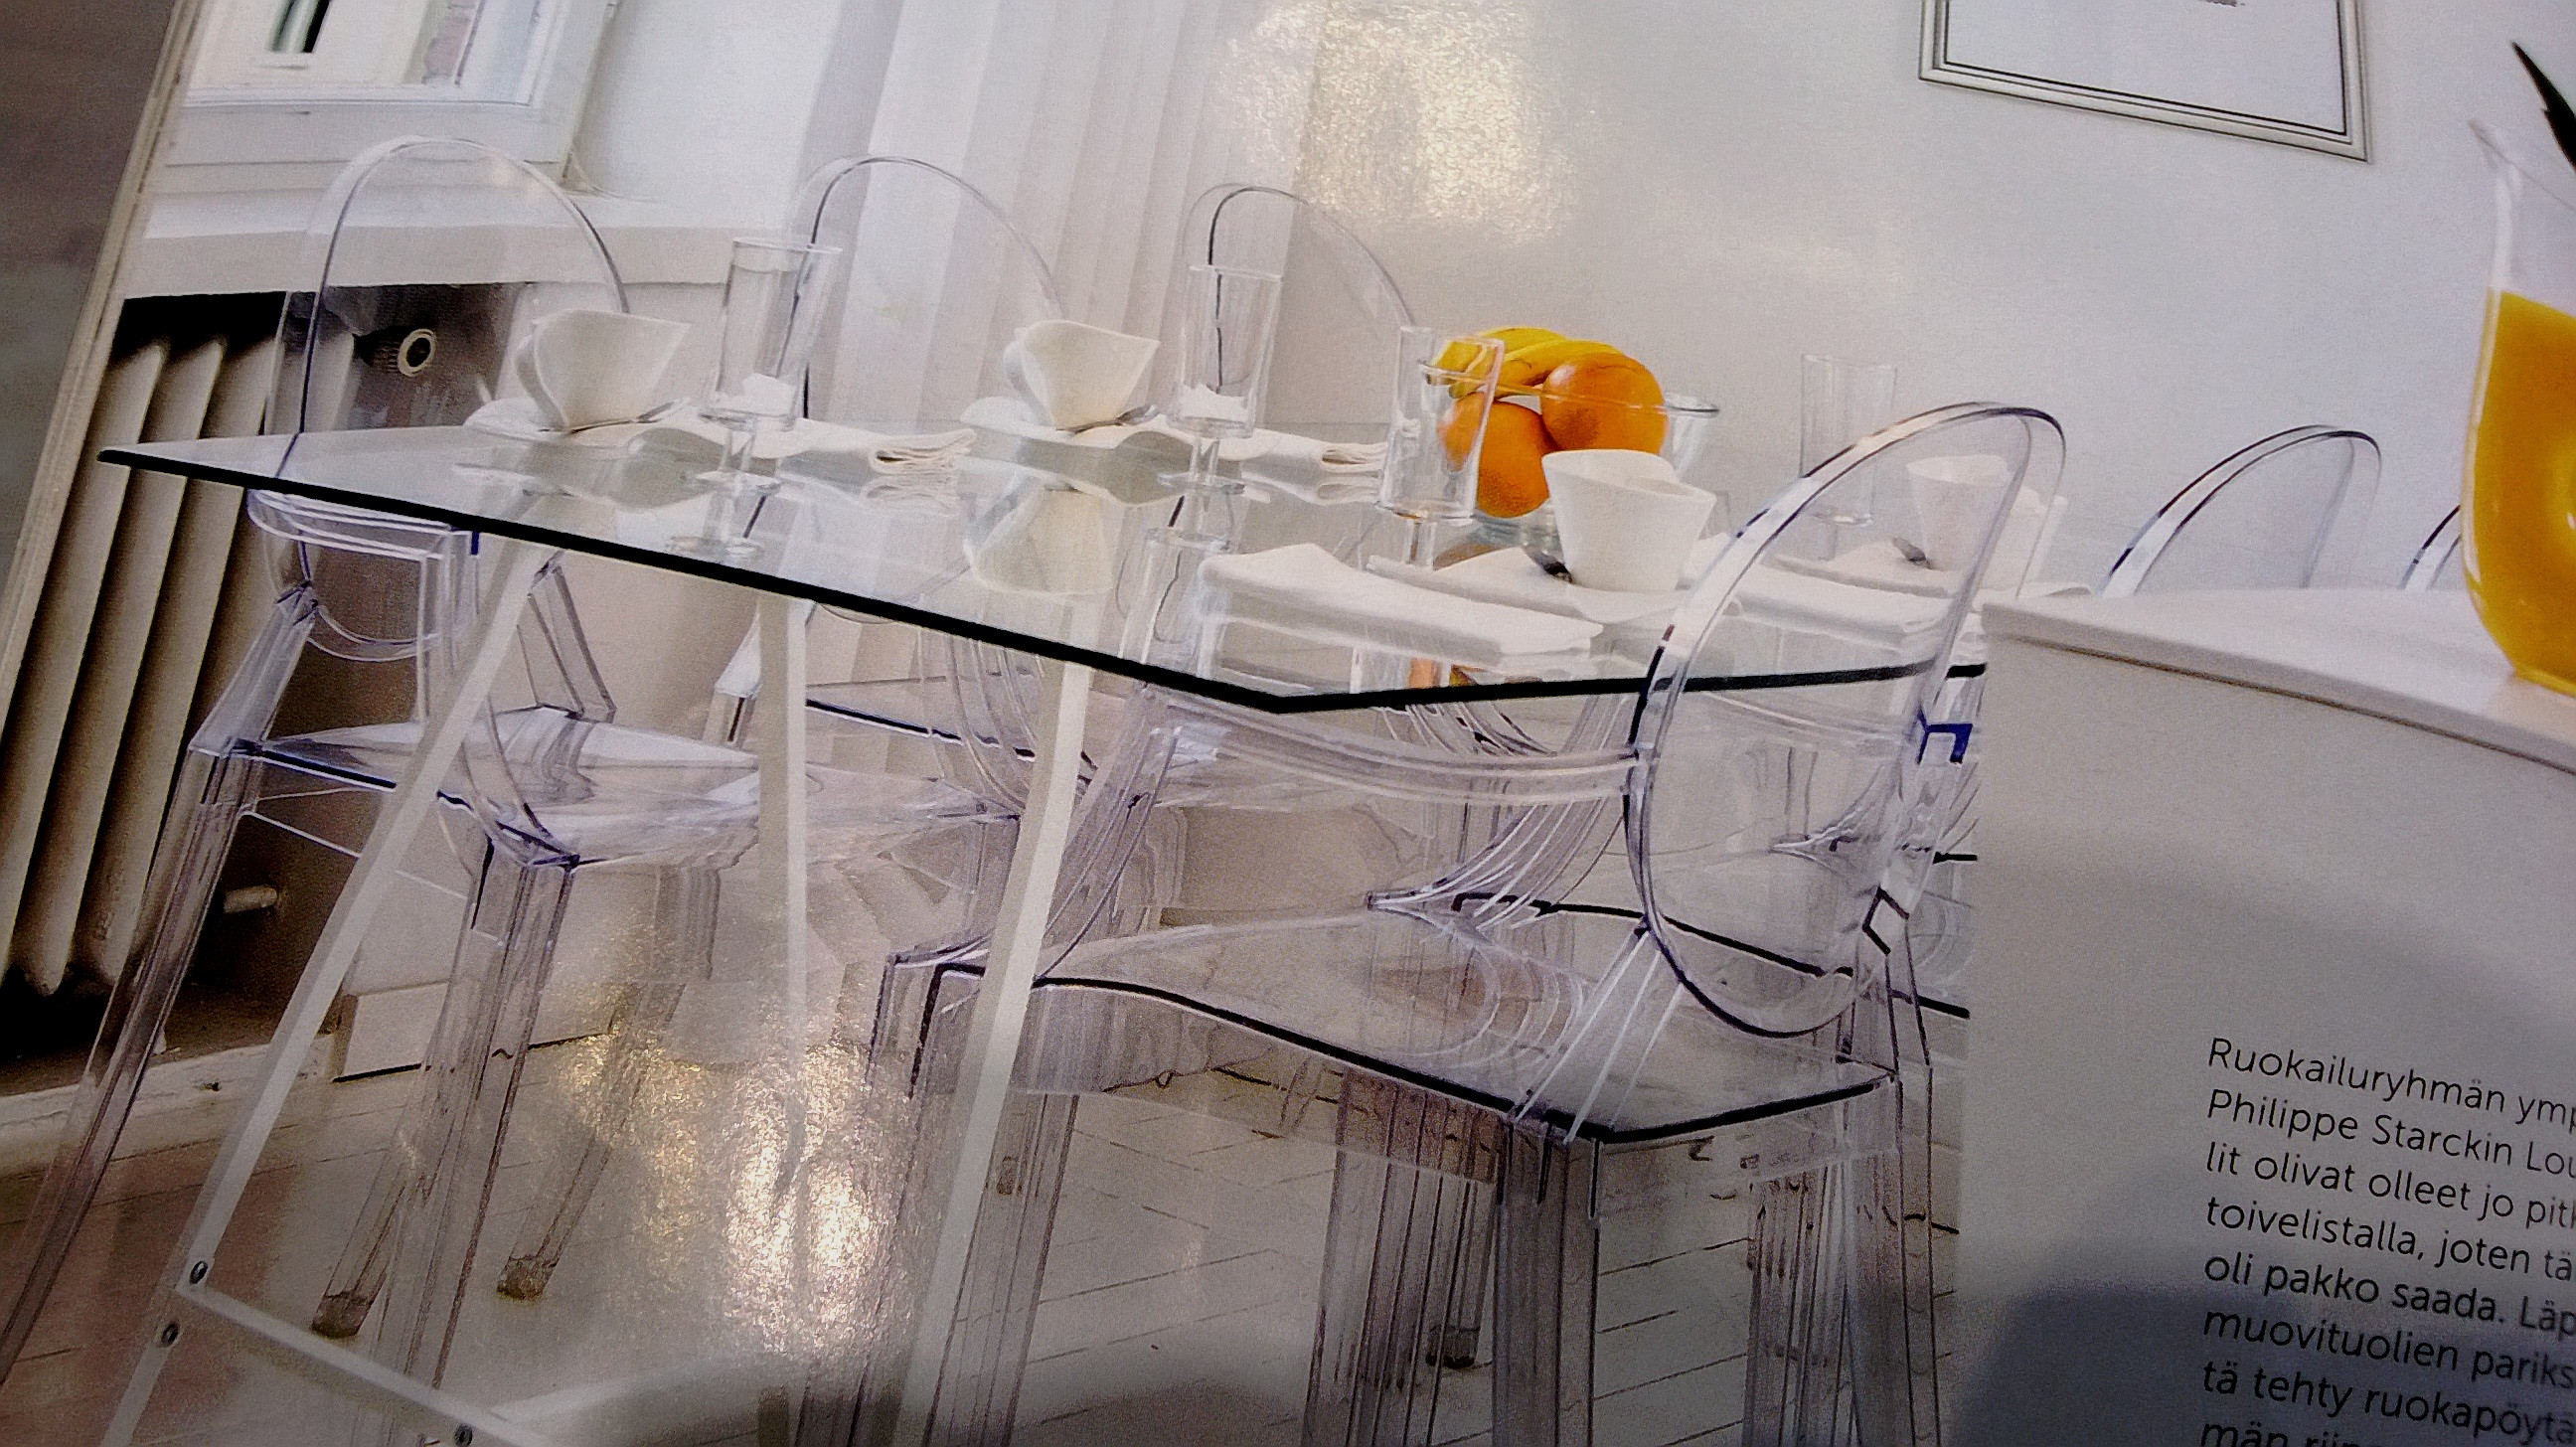 läpinäkyvät tuolit ja pöytä kk.jpg